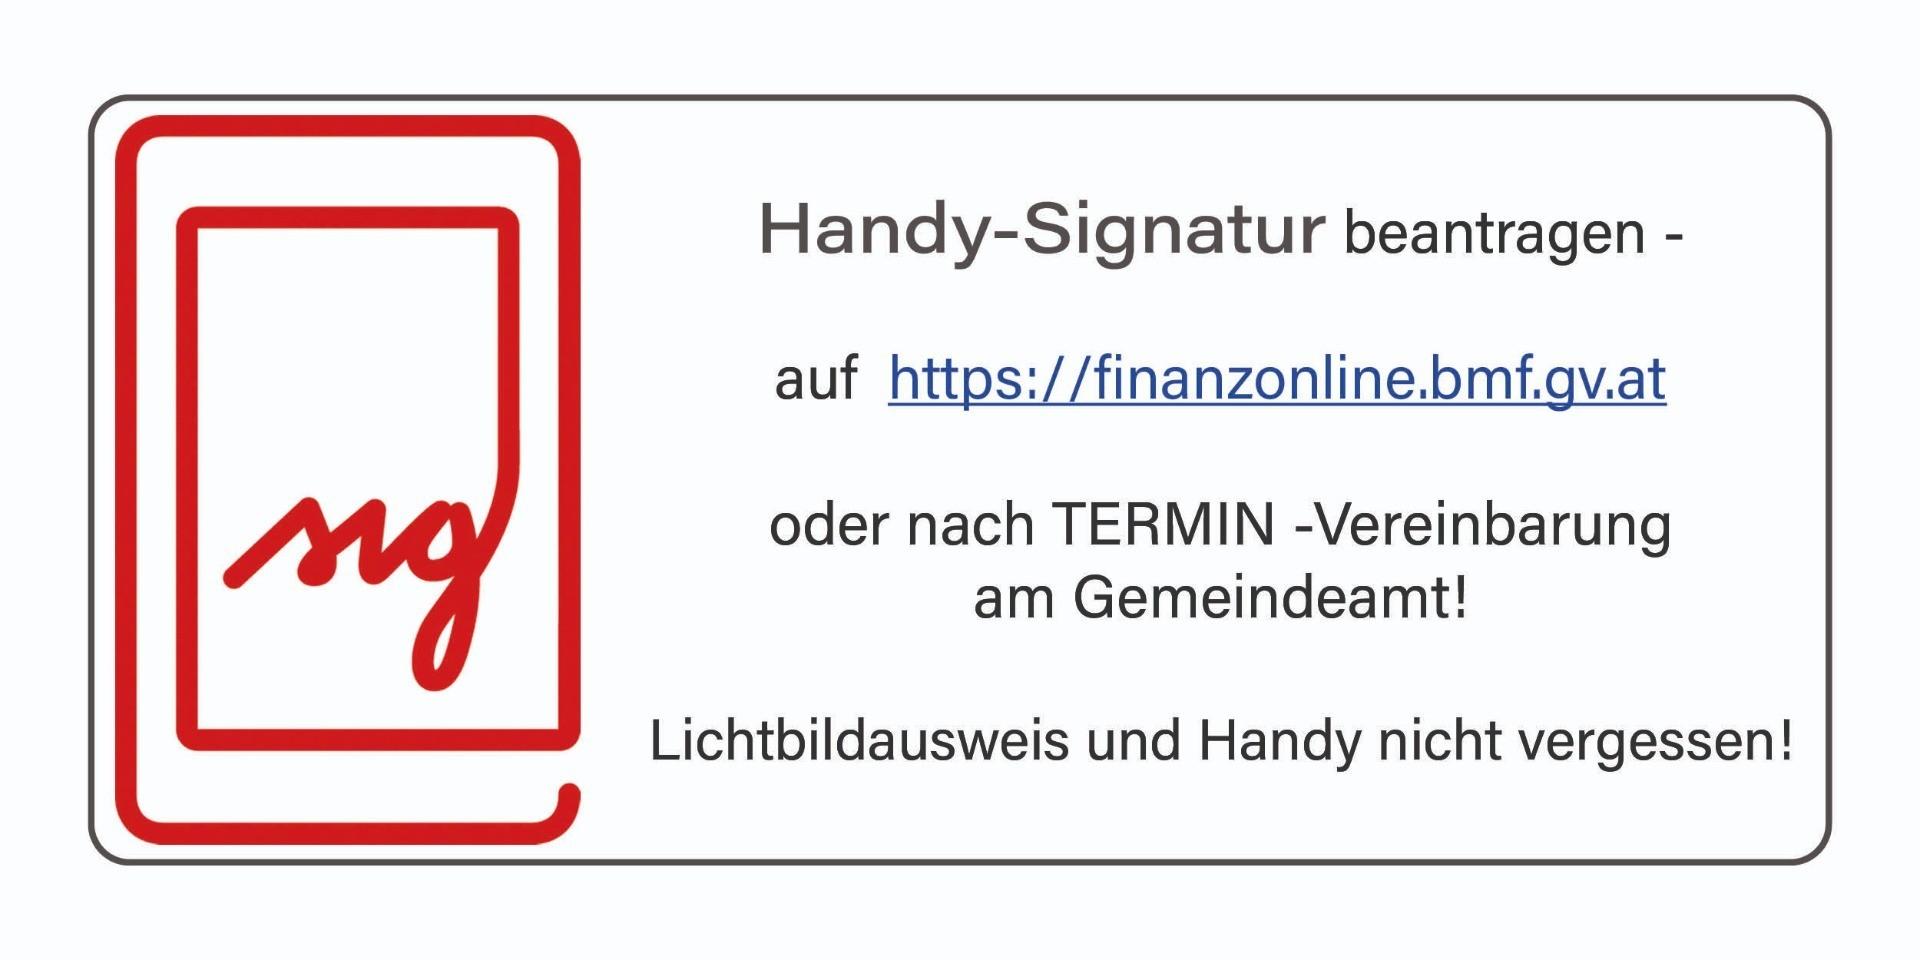 FB_HP_Handysignatur.jpg